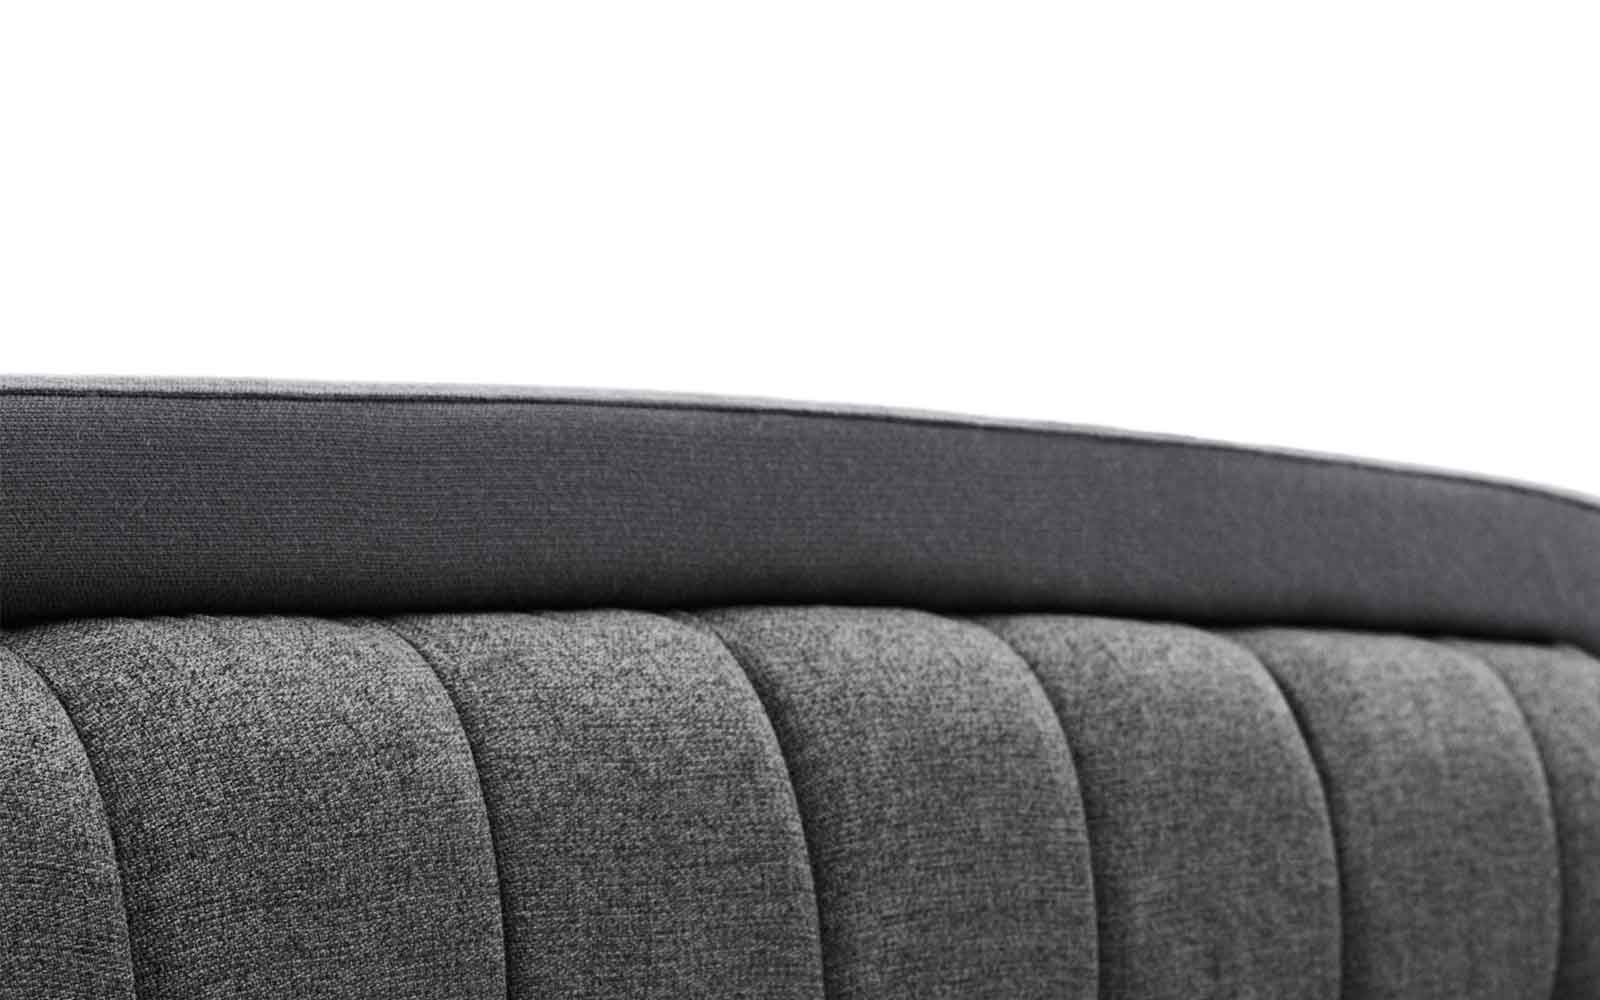 Onkel Sofa | Recognizable Scandinavian design | fabrics from Gabriel